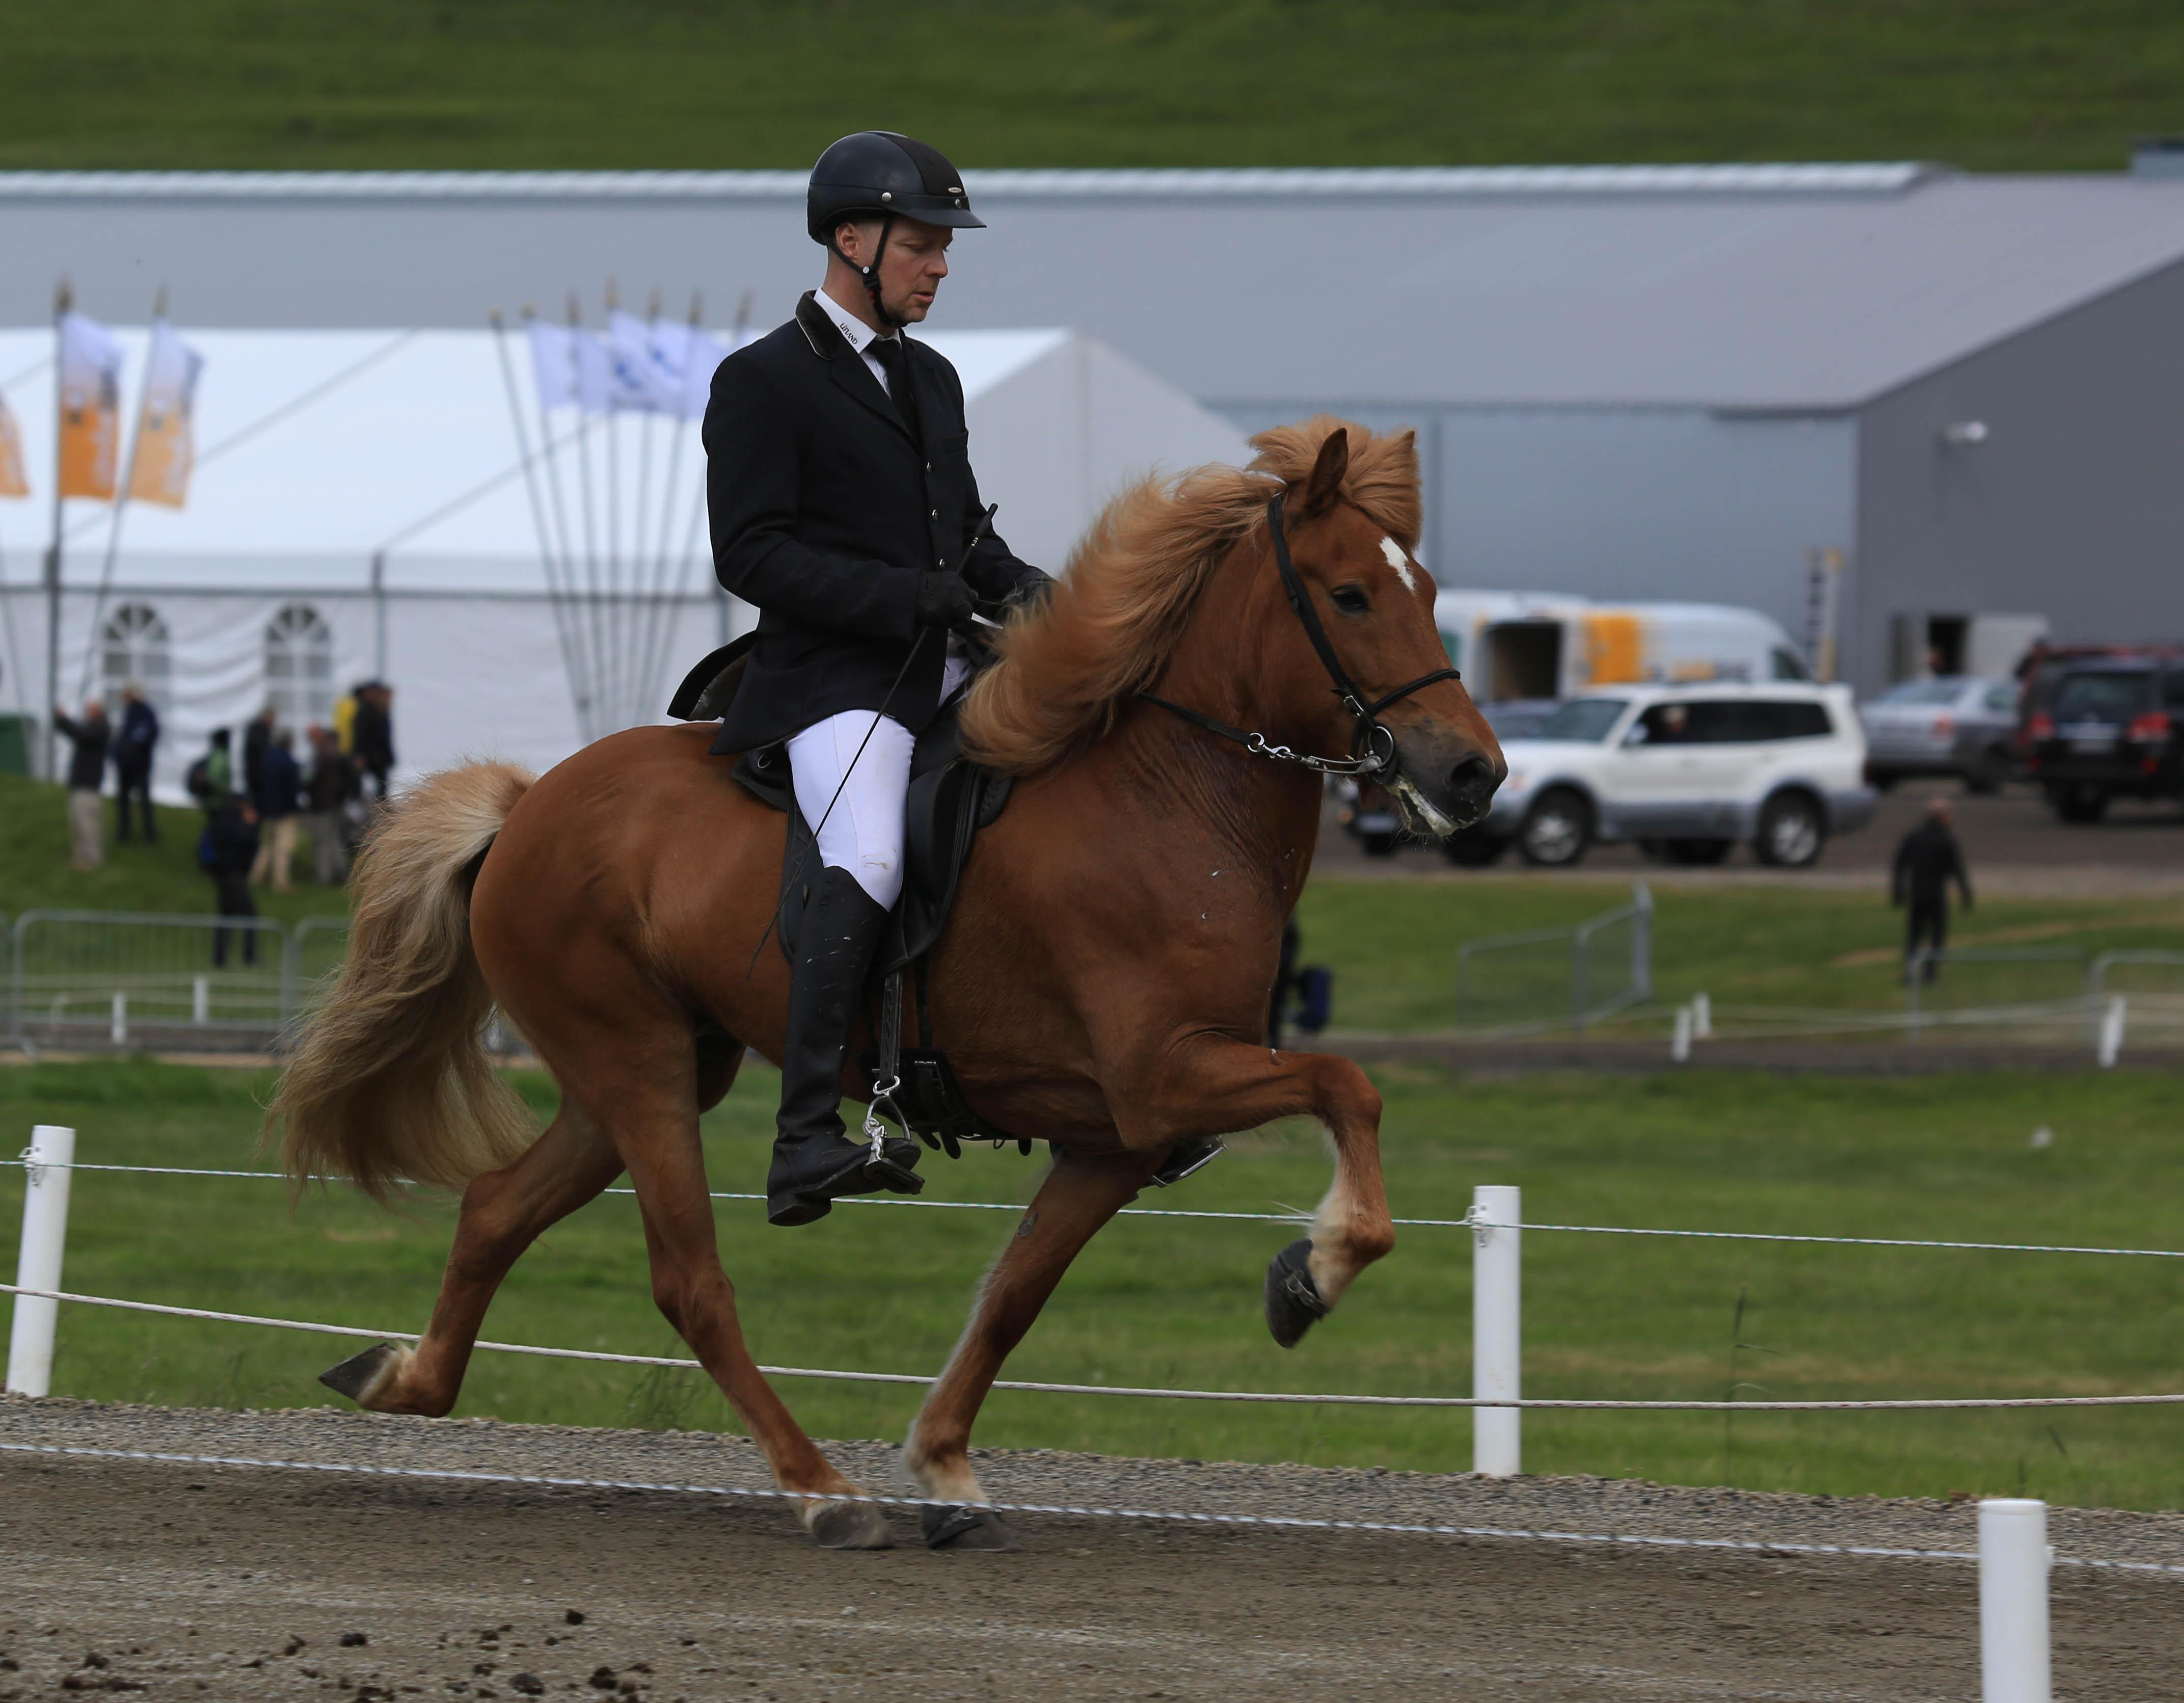 Hansa frá Ljósafossi, tvåa i klassen 6-åriga ston med 8.78 i ridegenskaper. Foto: Yvonne Benzian/ishestnews.se